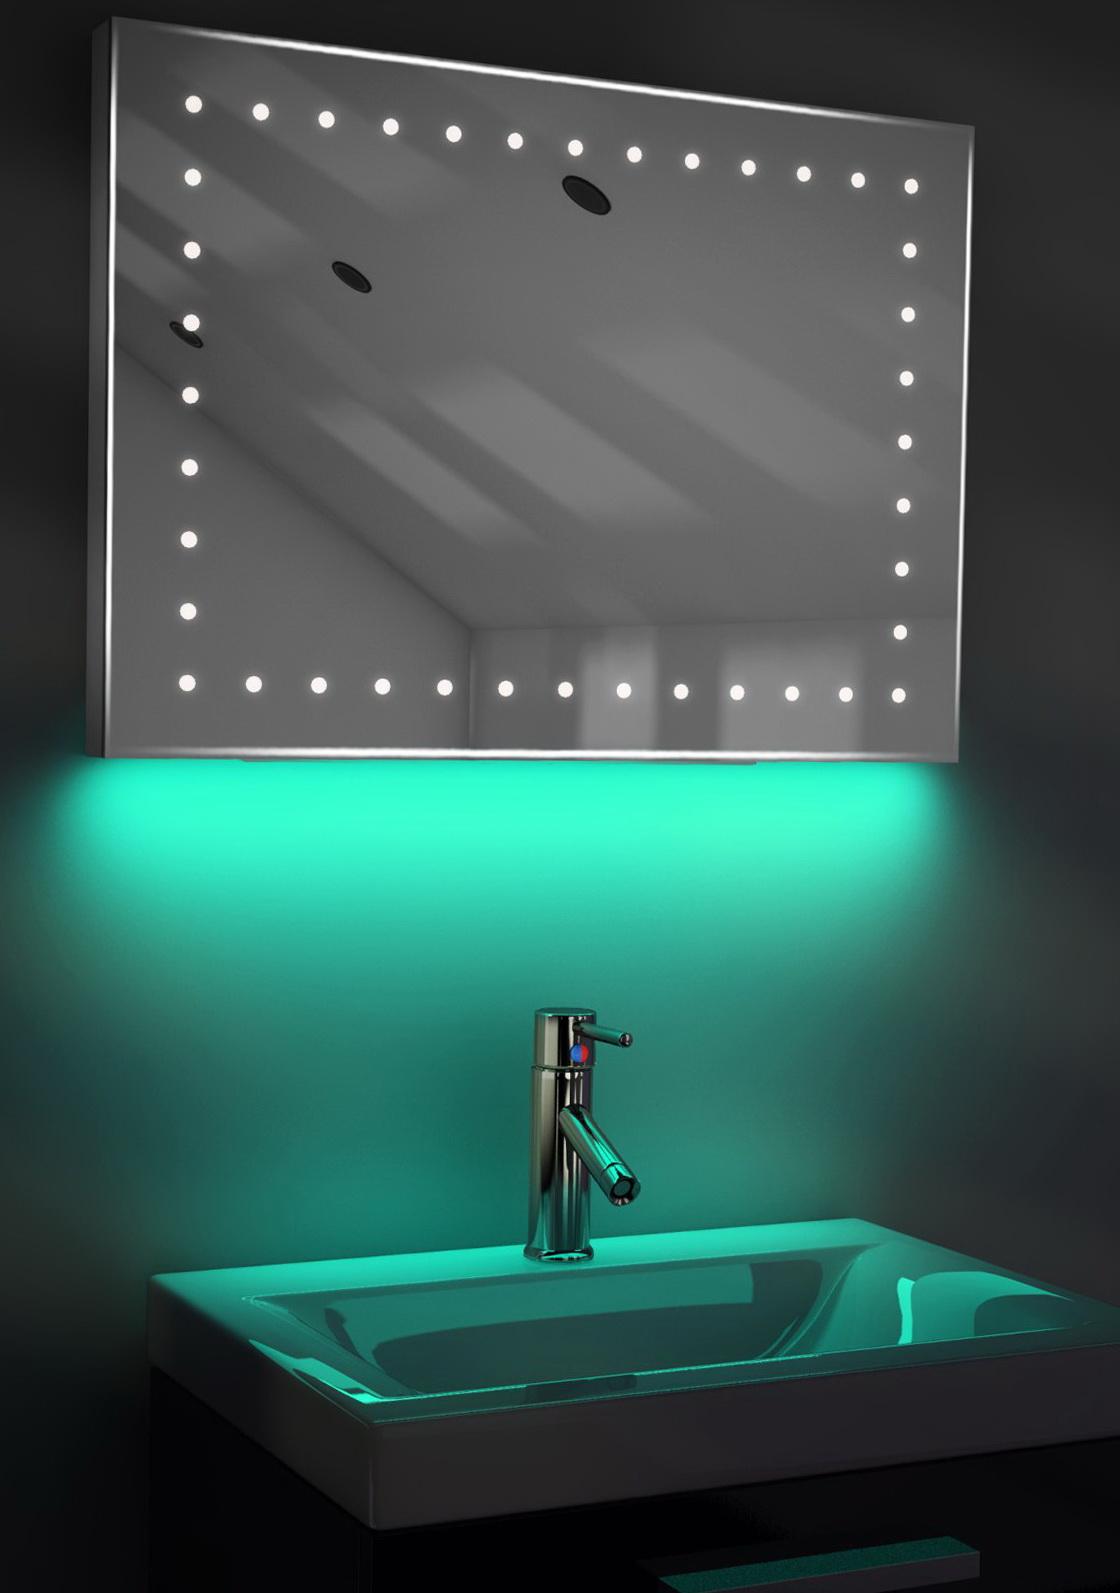 lighted vanity mirror uk home design ideas. Black Bedroom Furniture Sets. Home Design Ideas